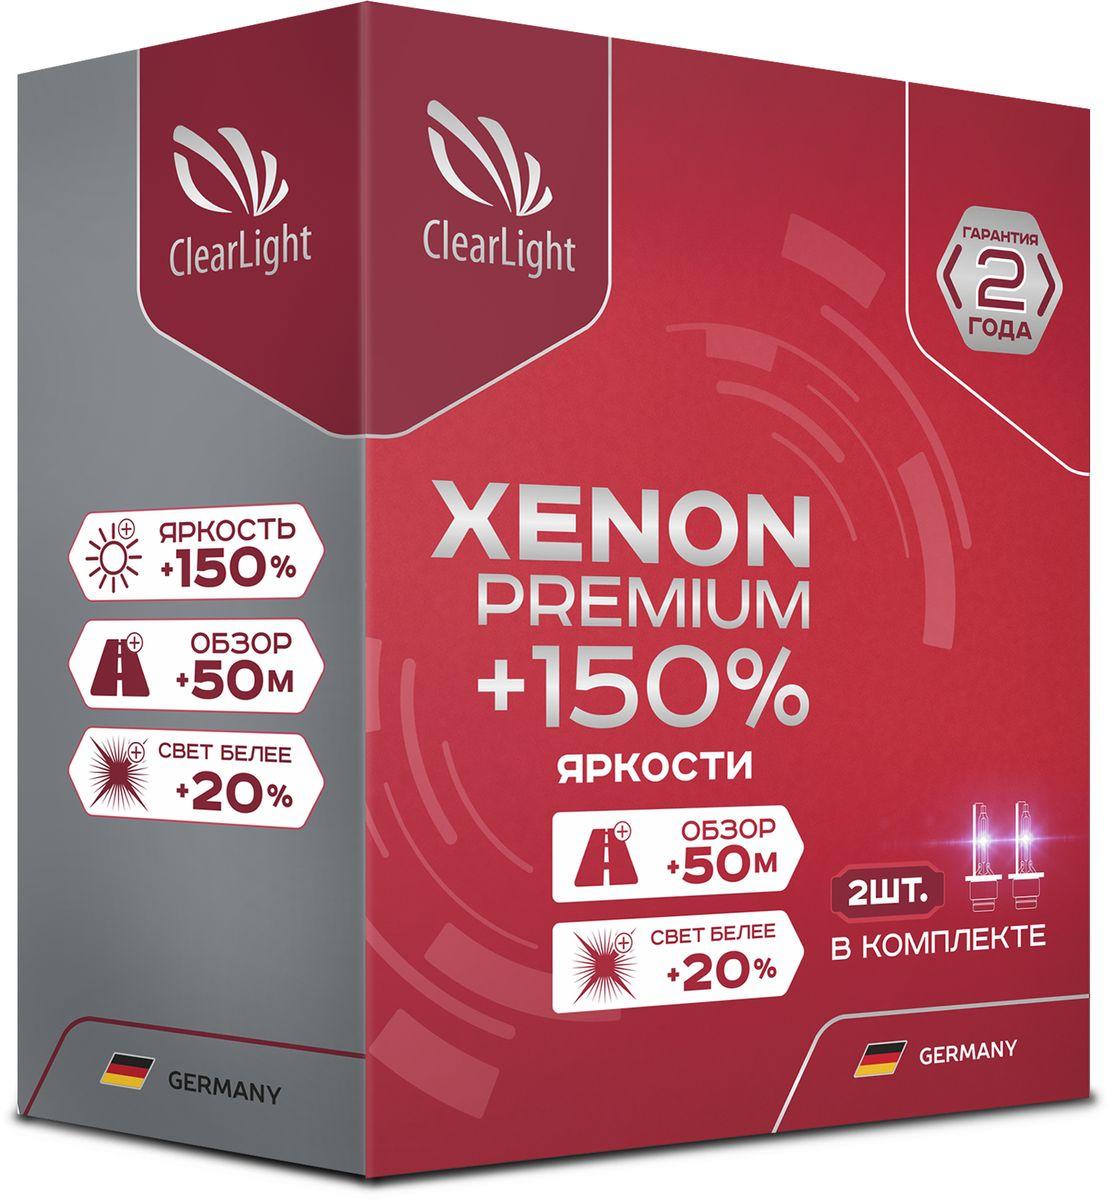 Лампа автомобильная ксеноновая Clearlight Xenon Premium+150%, цоколь HB3, 5000 К, 35 Вт, 2 шт лампа автомобильная ксеноновая clearlight xenon premium 150% цоколь d2r 5000 к 35 вт 2 шт